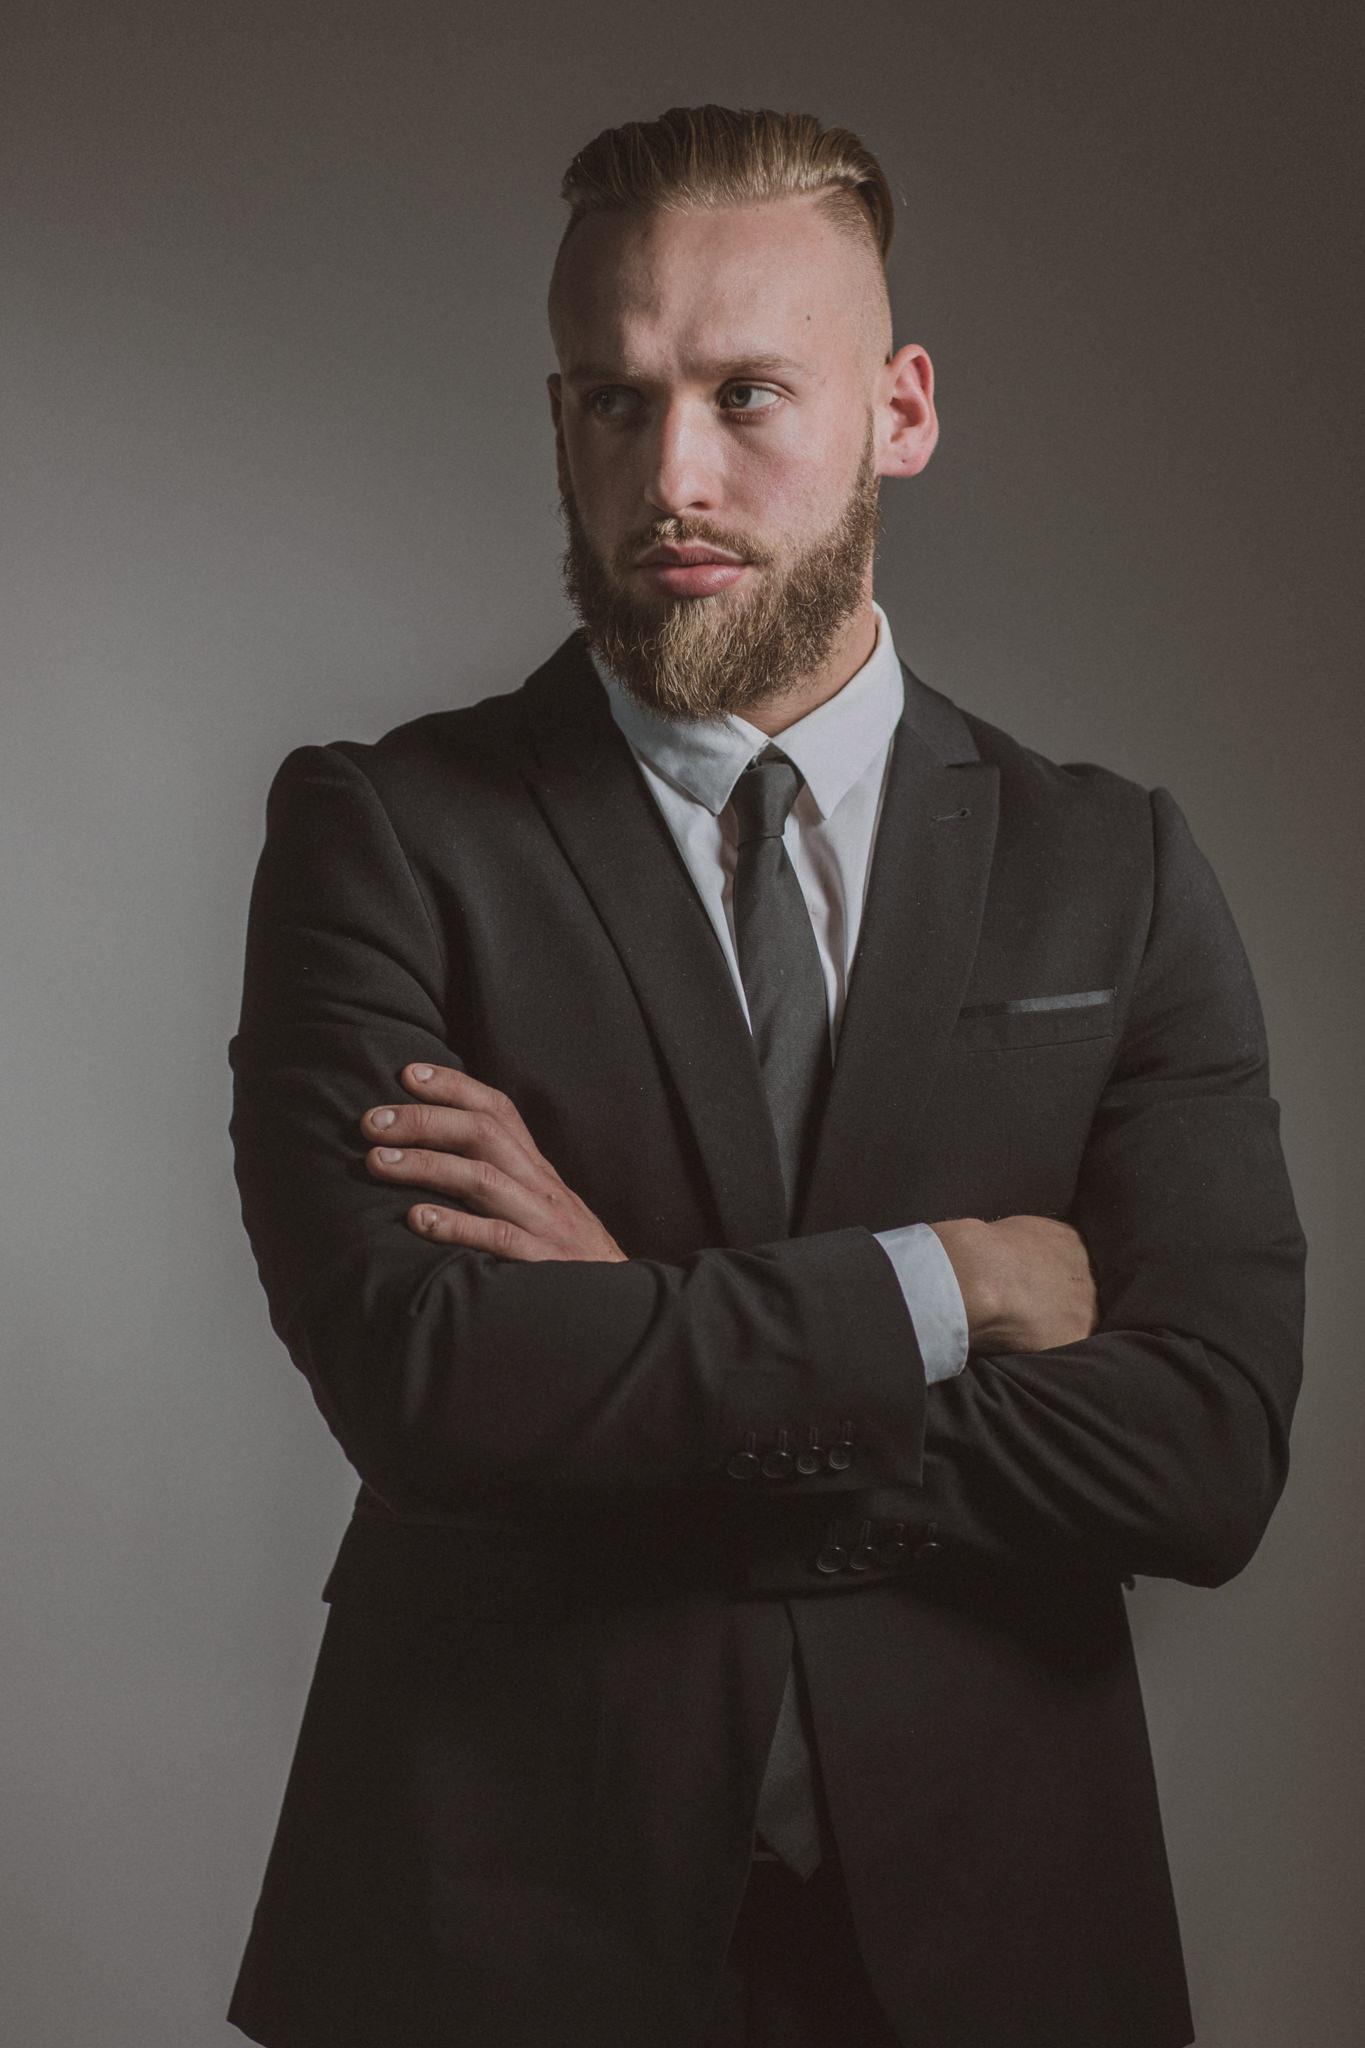 male model portfolio in Melbourne